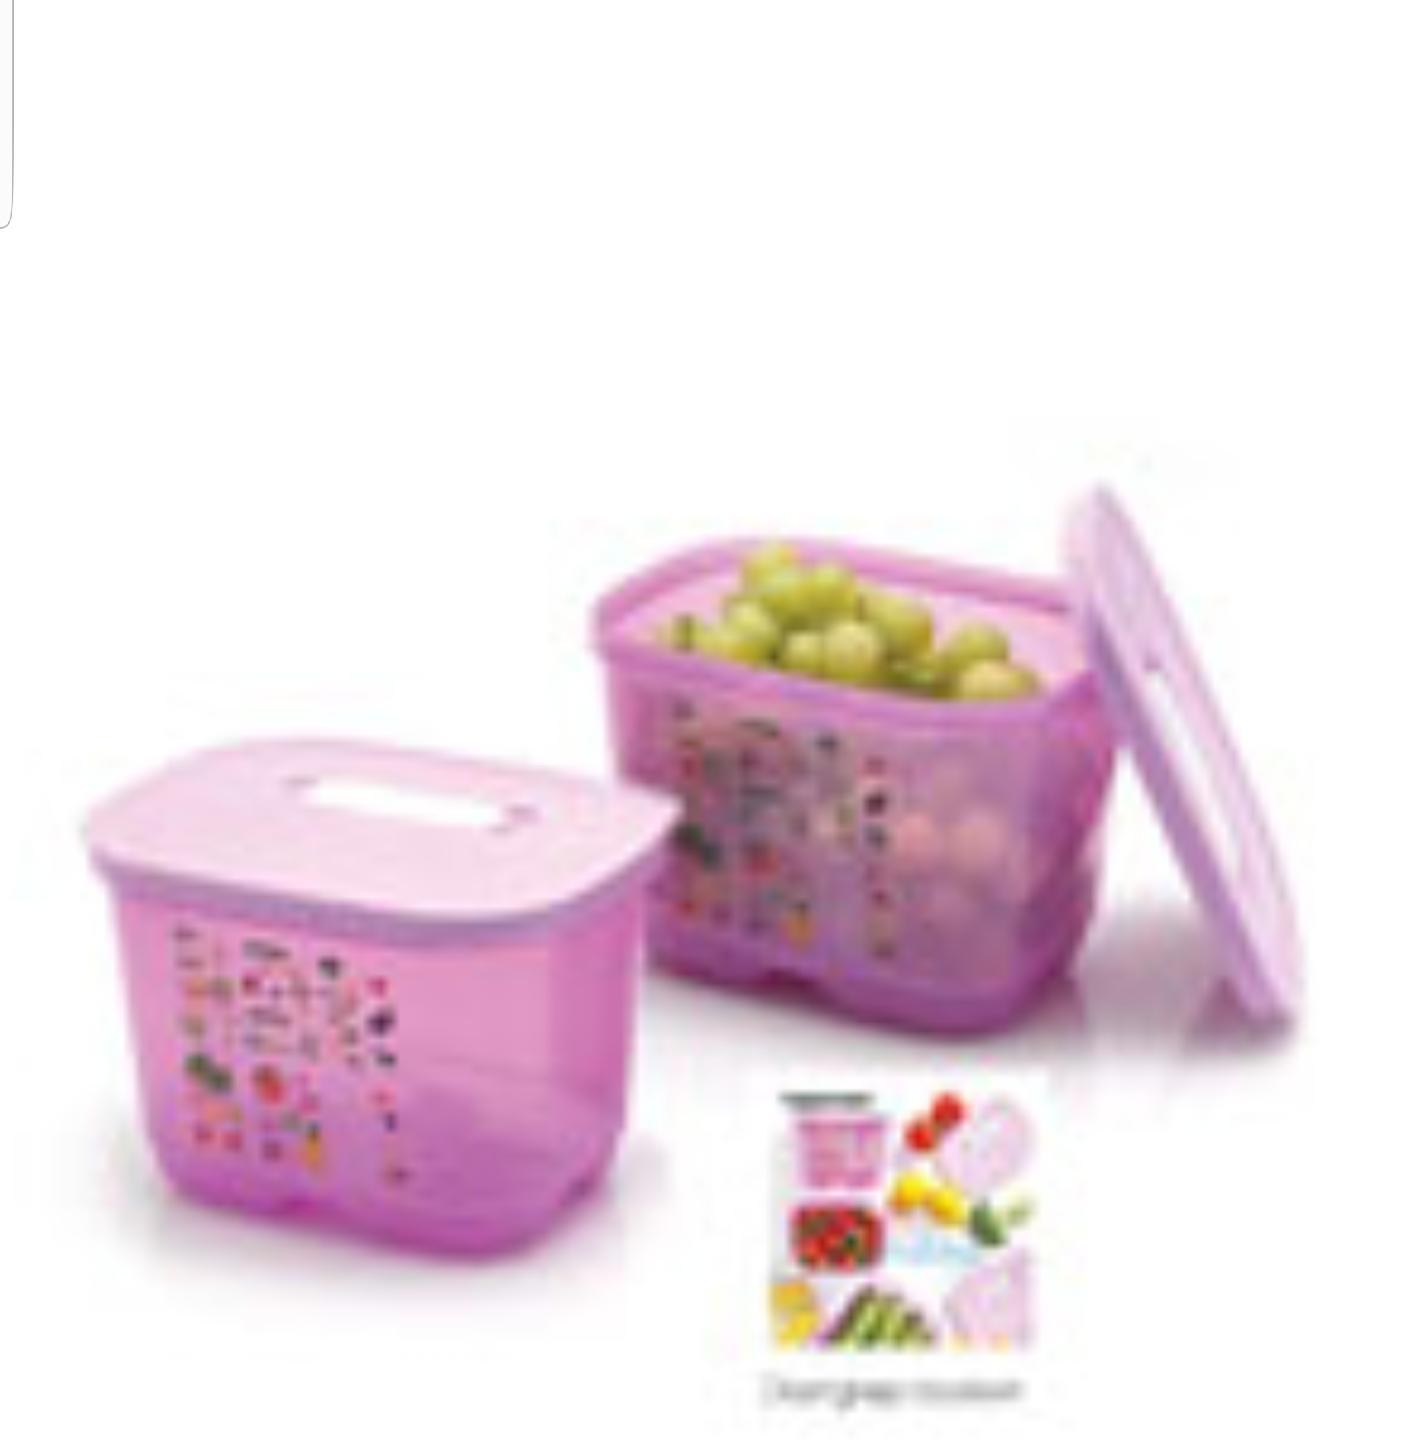 Tupperware Ventsmart 1,8 L (2)-Tempat penyimpan sayuran